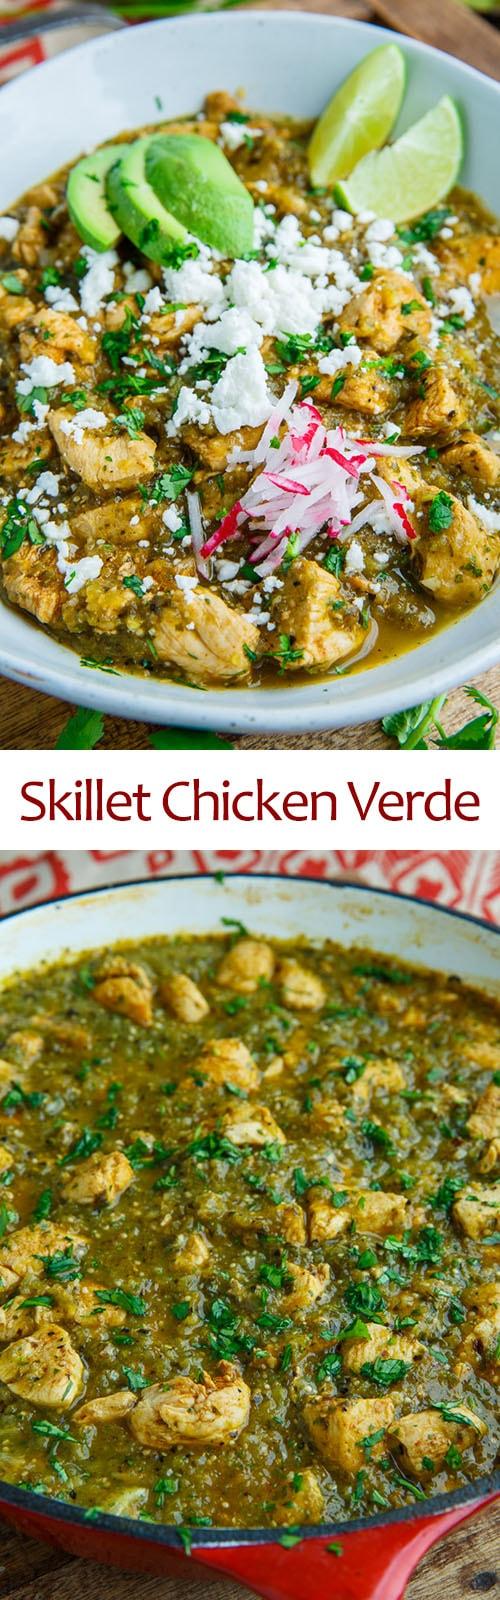 Skillet Chicken Verde